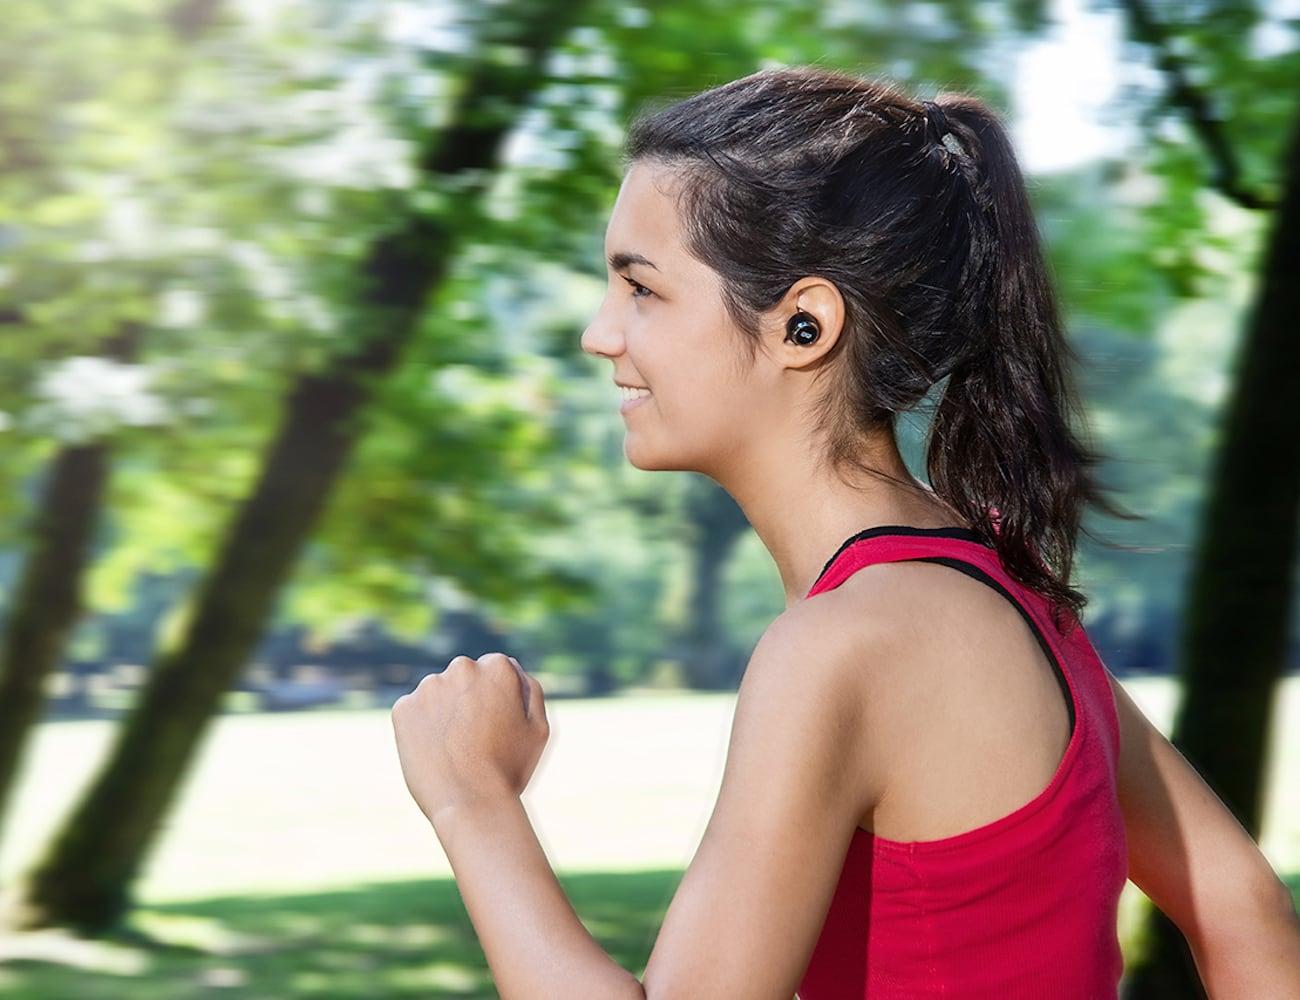 SonaBuds 2 Pro Long-Lasting True Wireless Earbuds